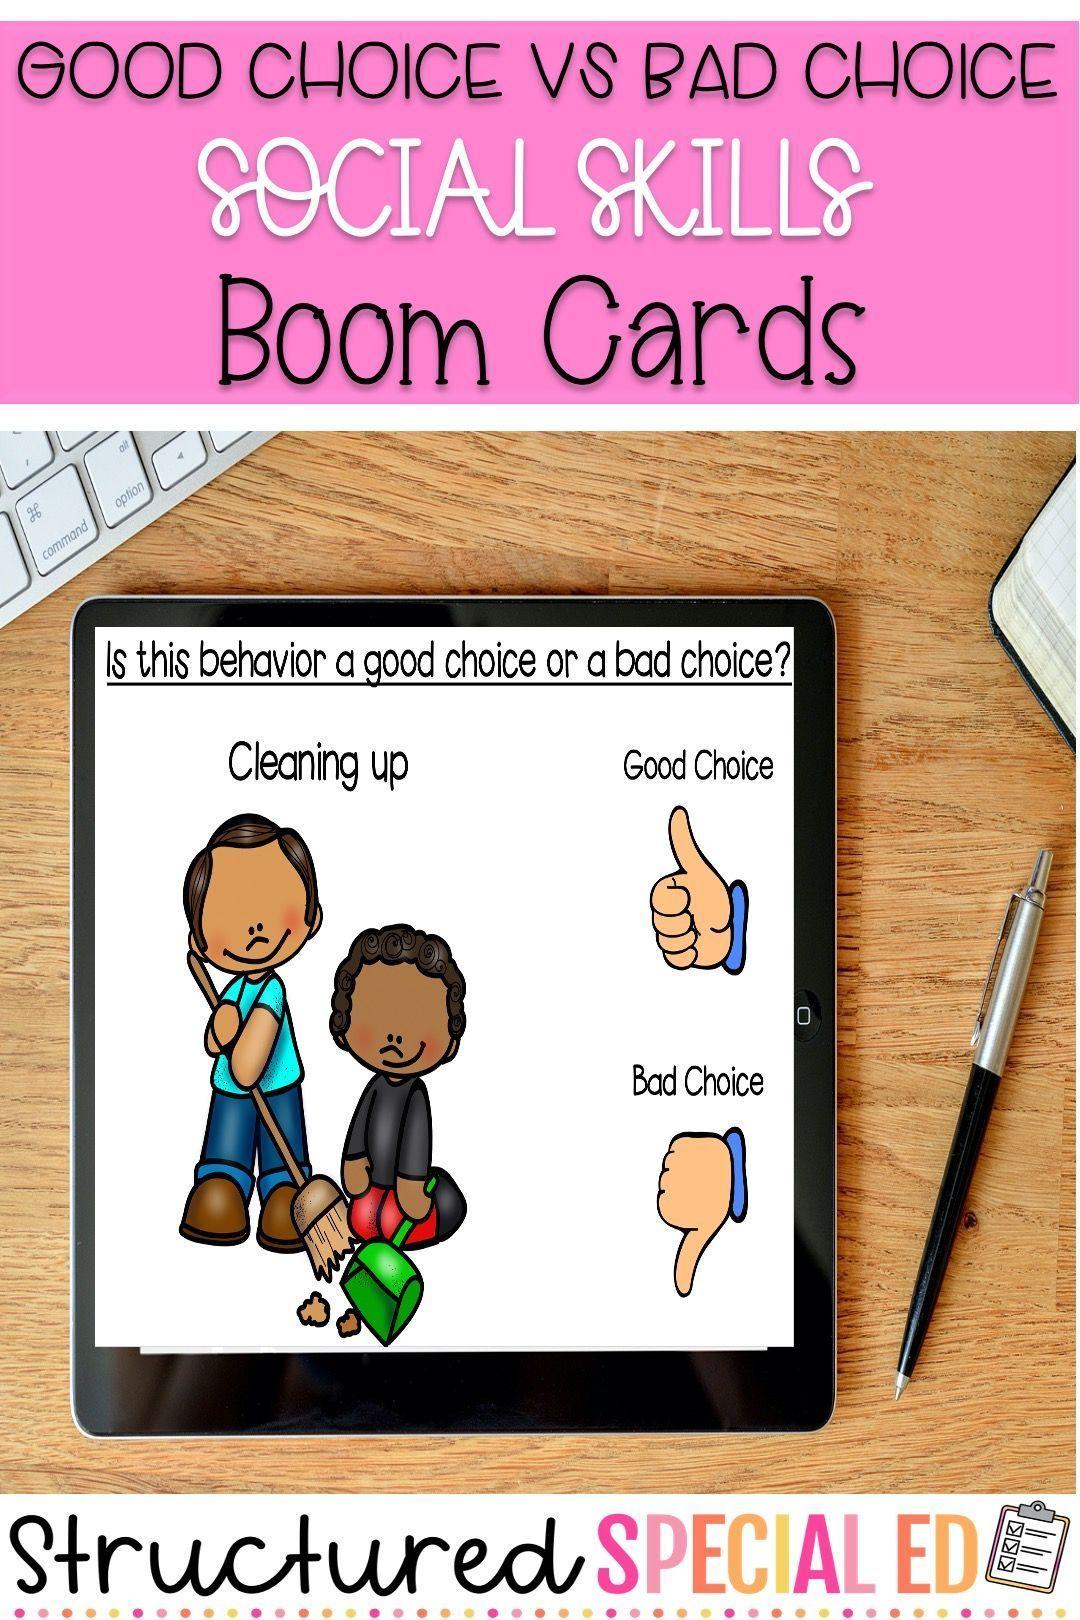 Social Skills Good Choice Vs Bad Choice Behaviors Boom